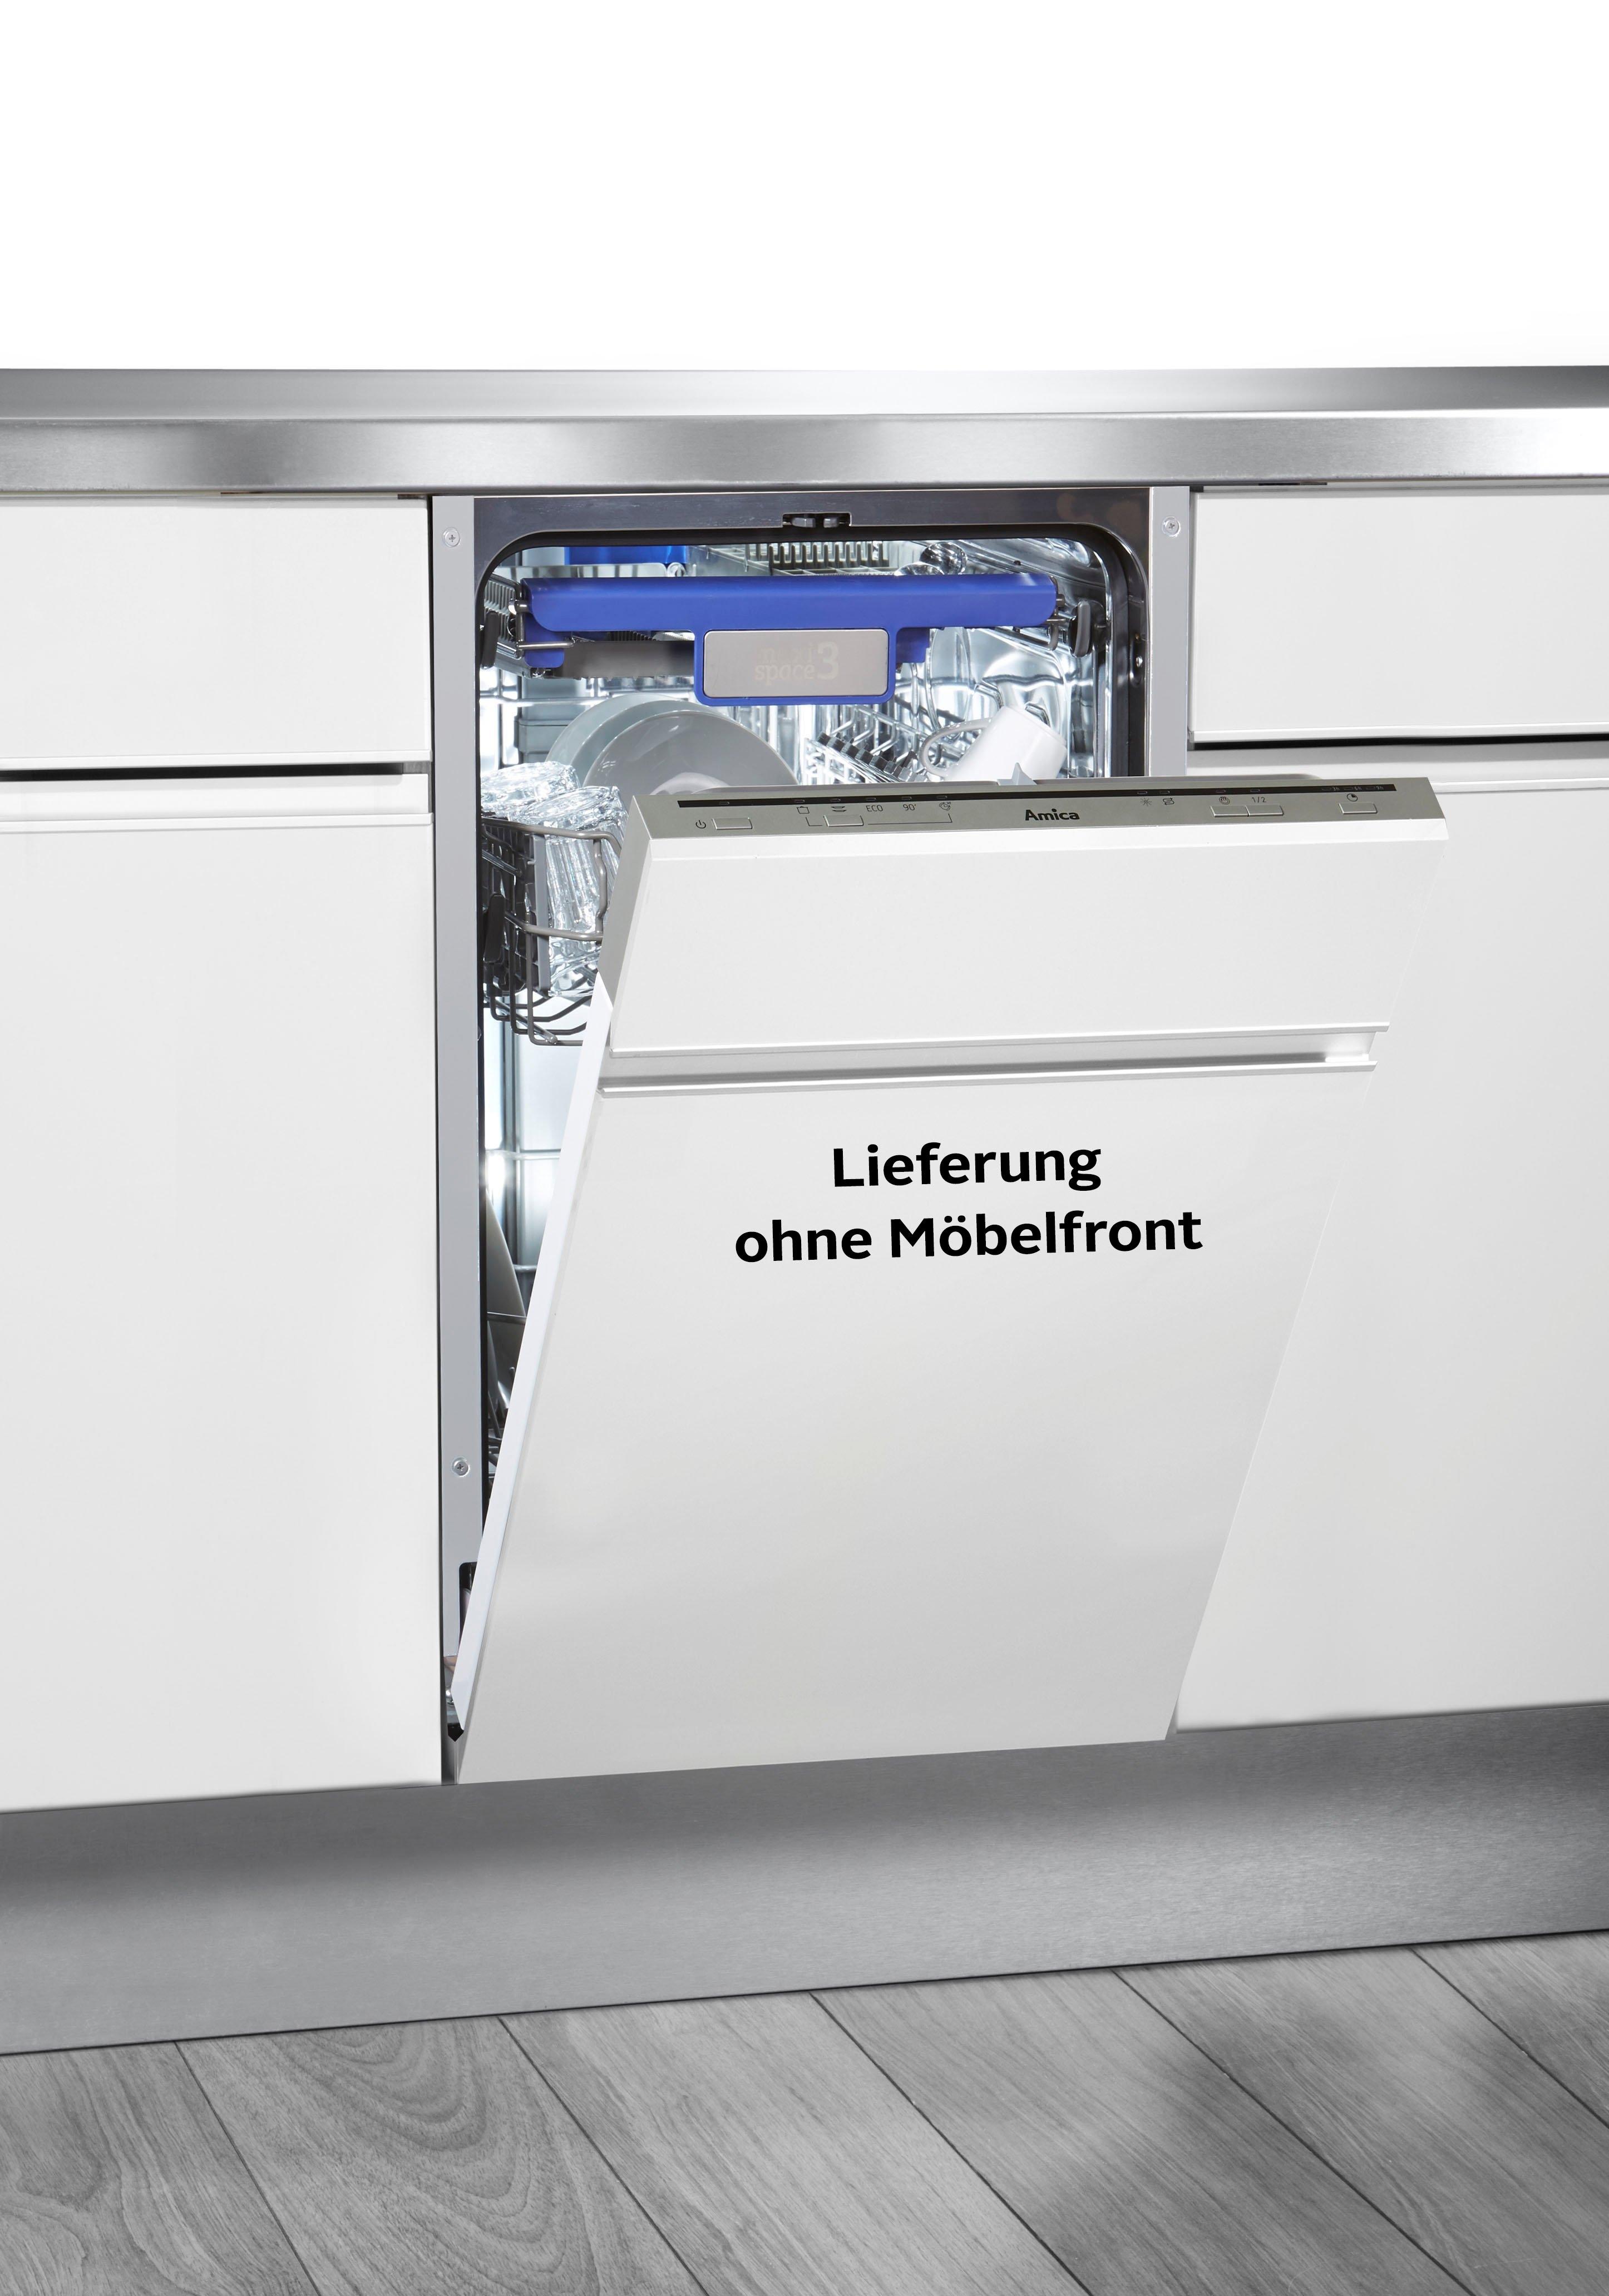 Amica volledig integreerbare vaatwasser, 9 liter, 10 standaardcouverts veilig op otto.nl kopen